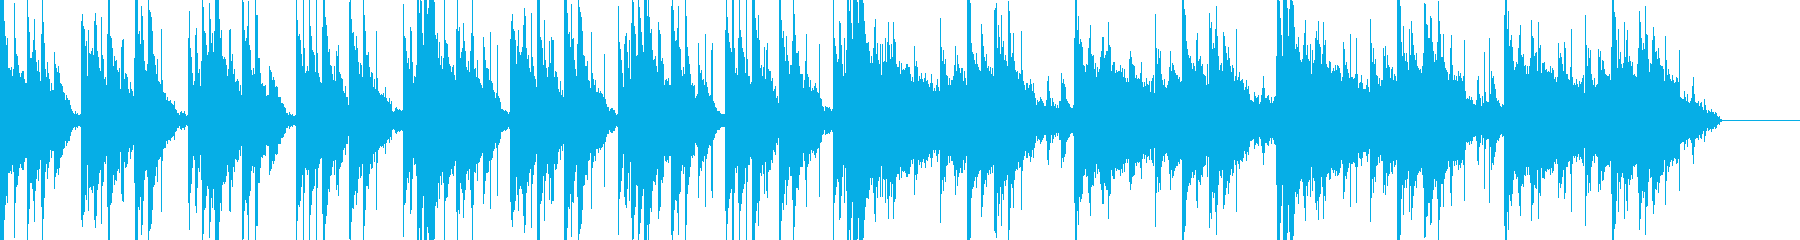 ちょっと怖めな和風っぽいシネマティックの再生済みの波形